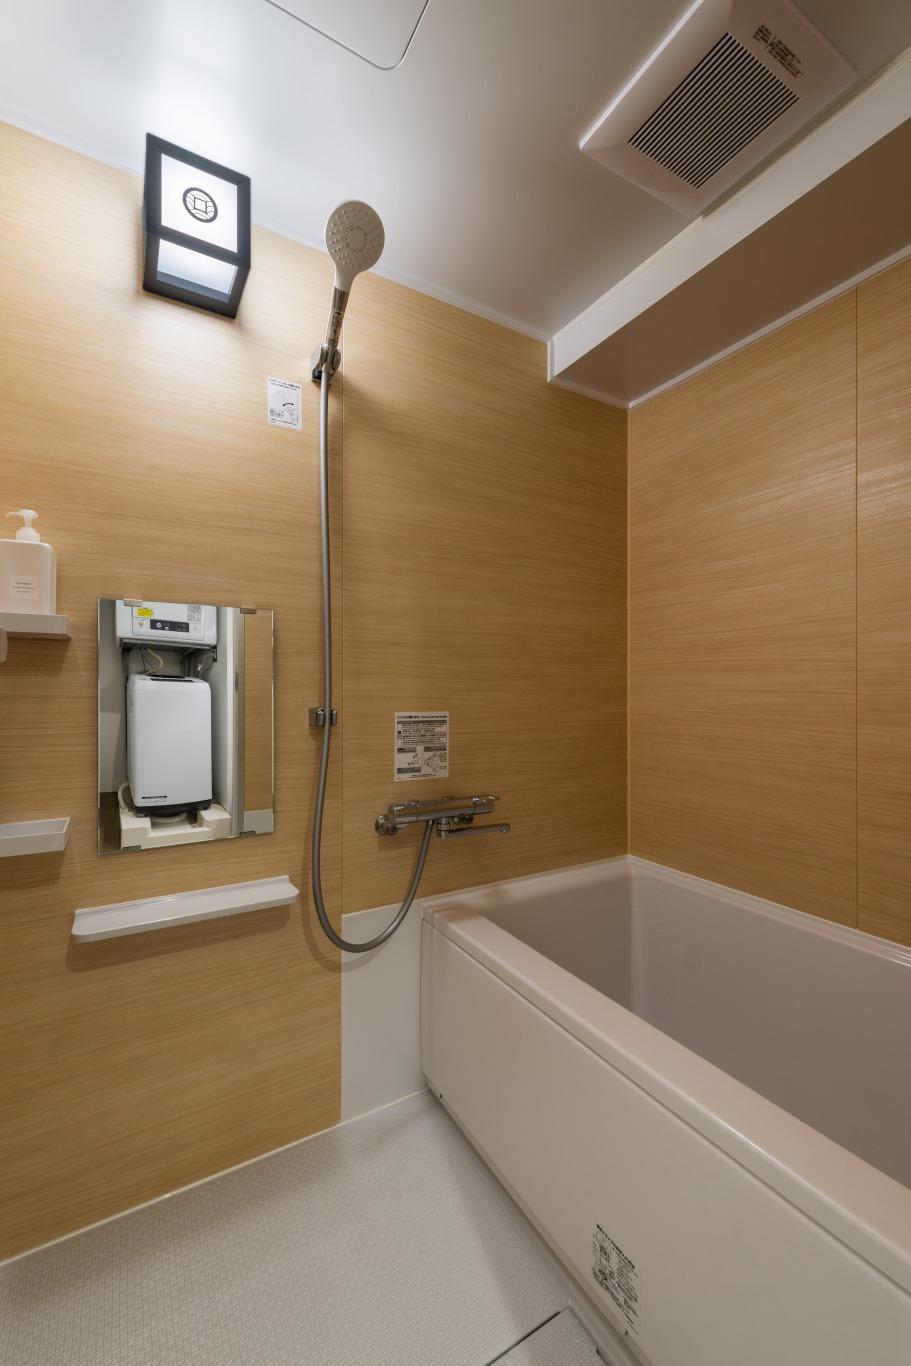 浴室。シャワーヘッドも大きく使い心地も良し。